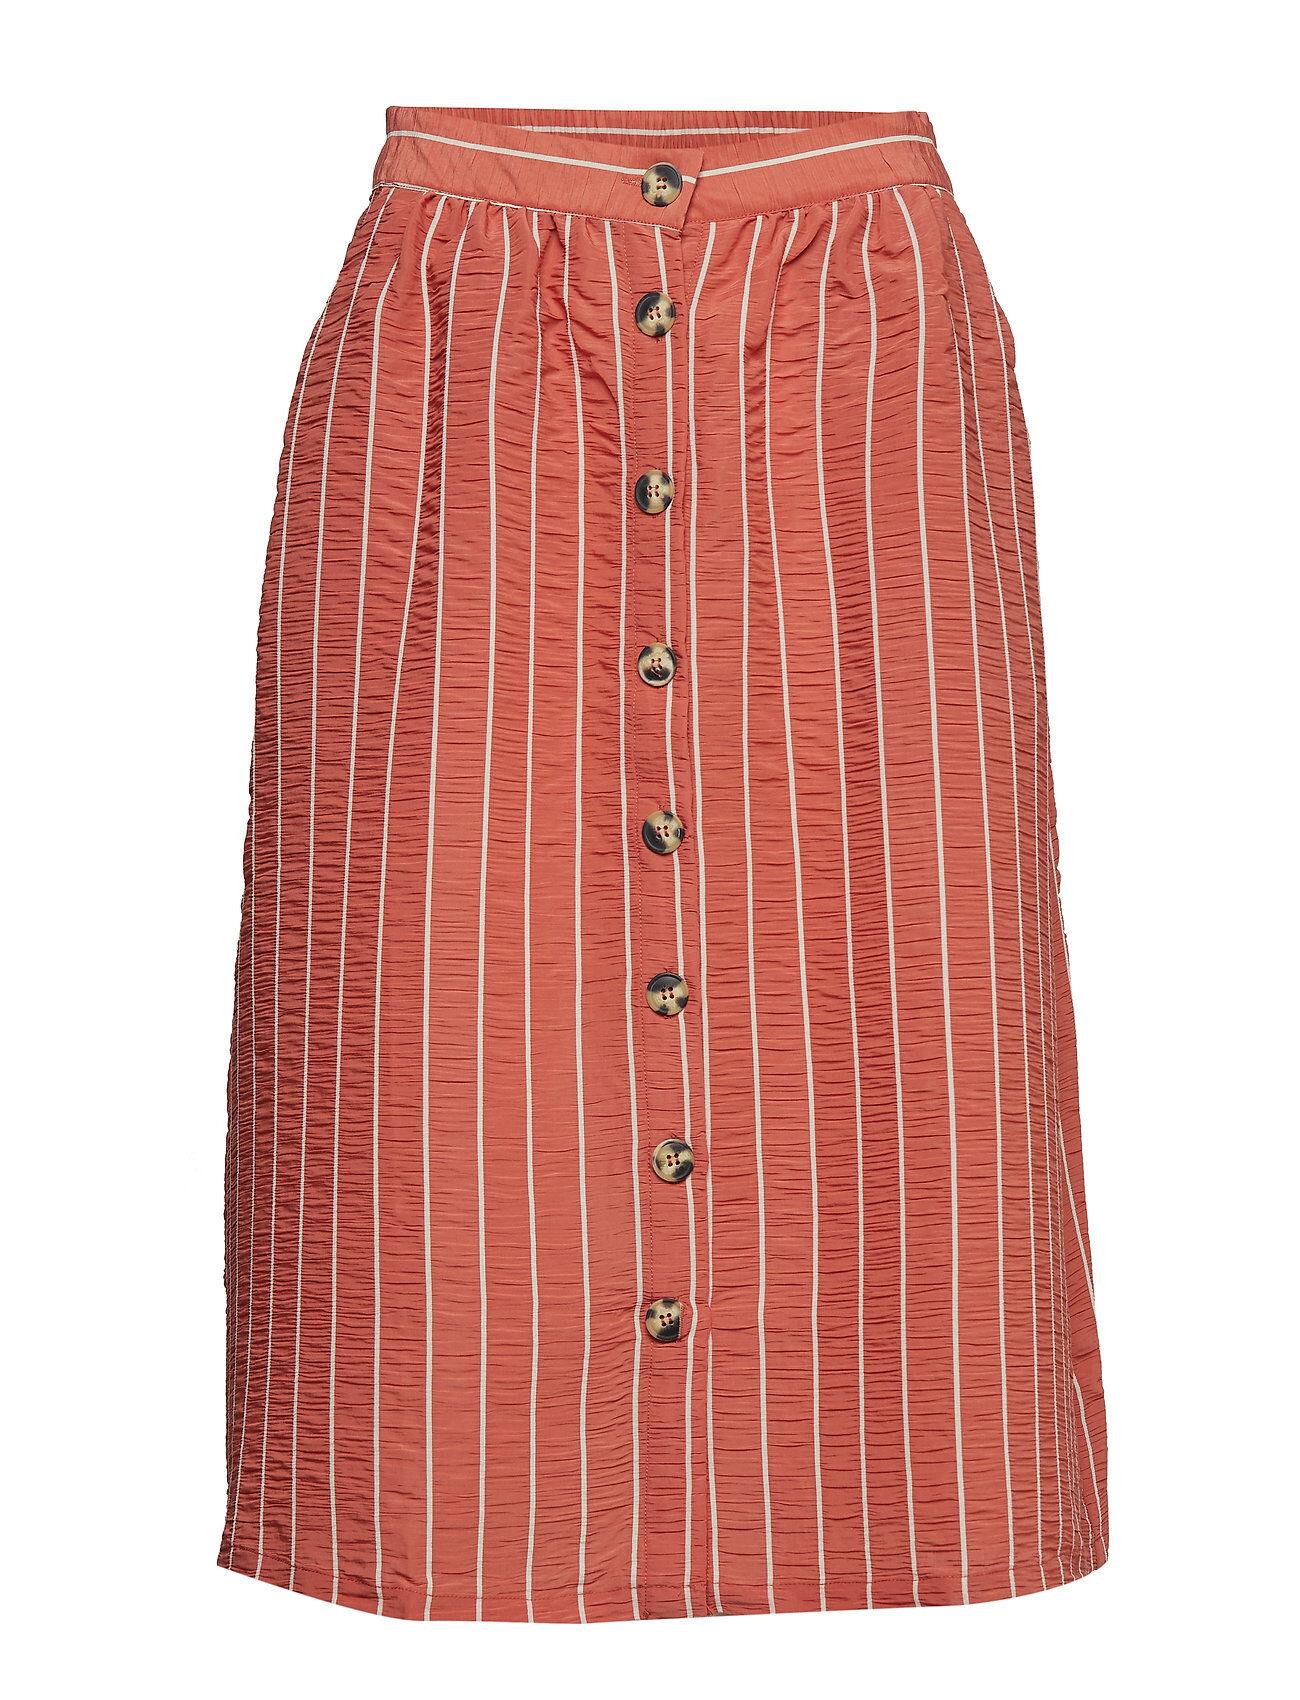 Soft Rebels Nala Skirt